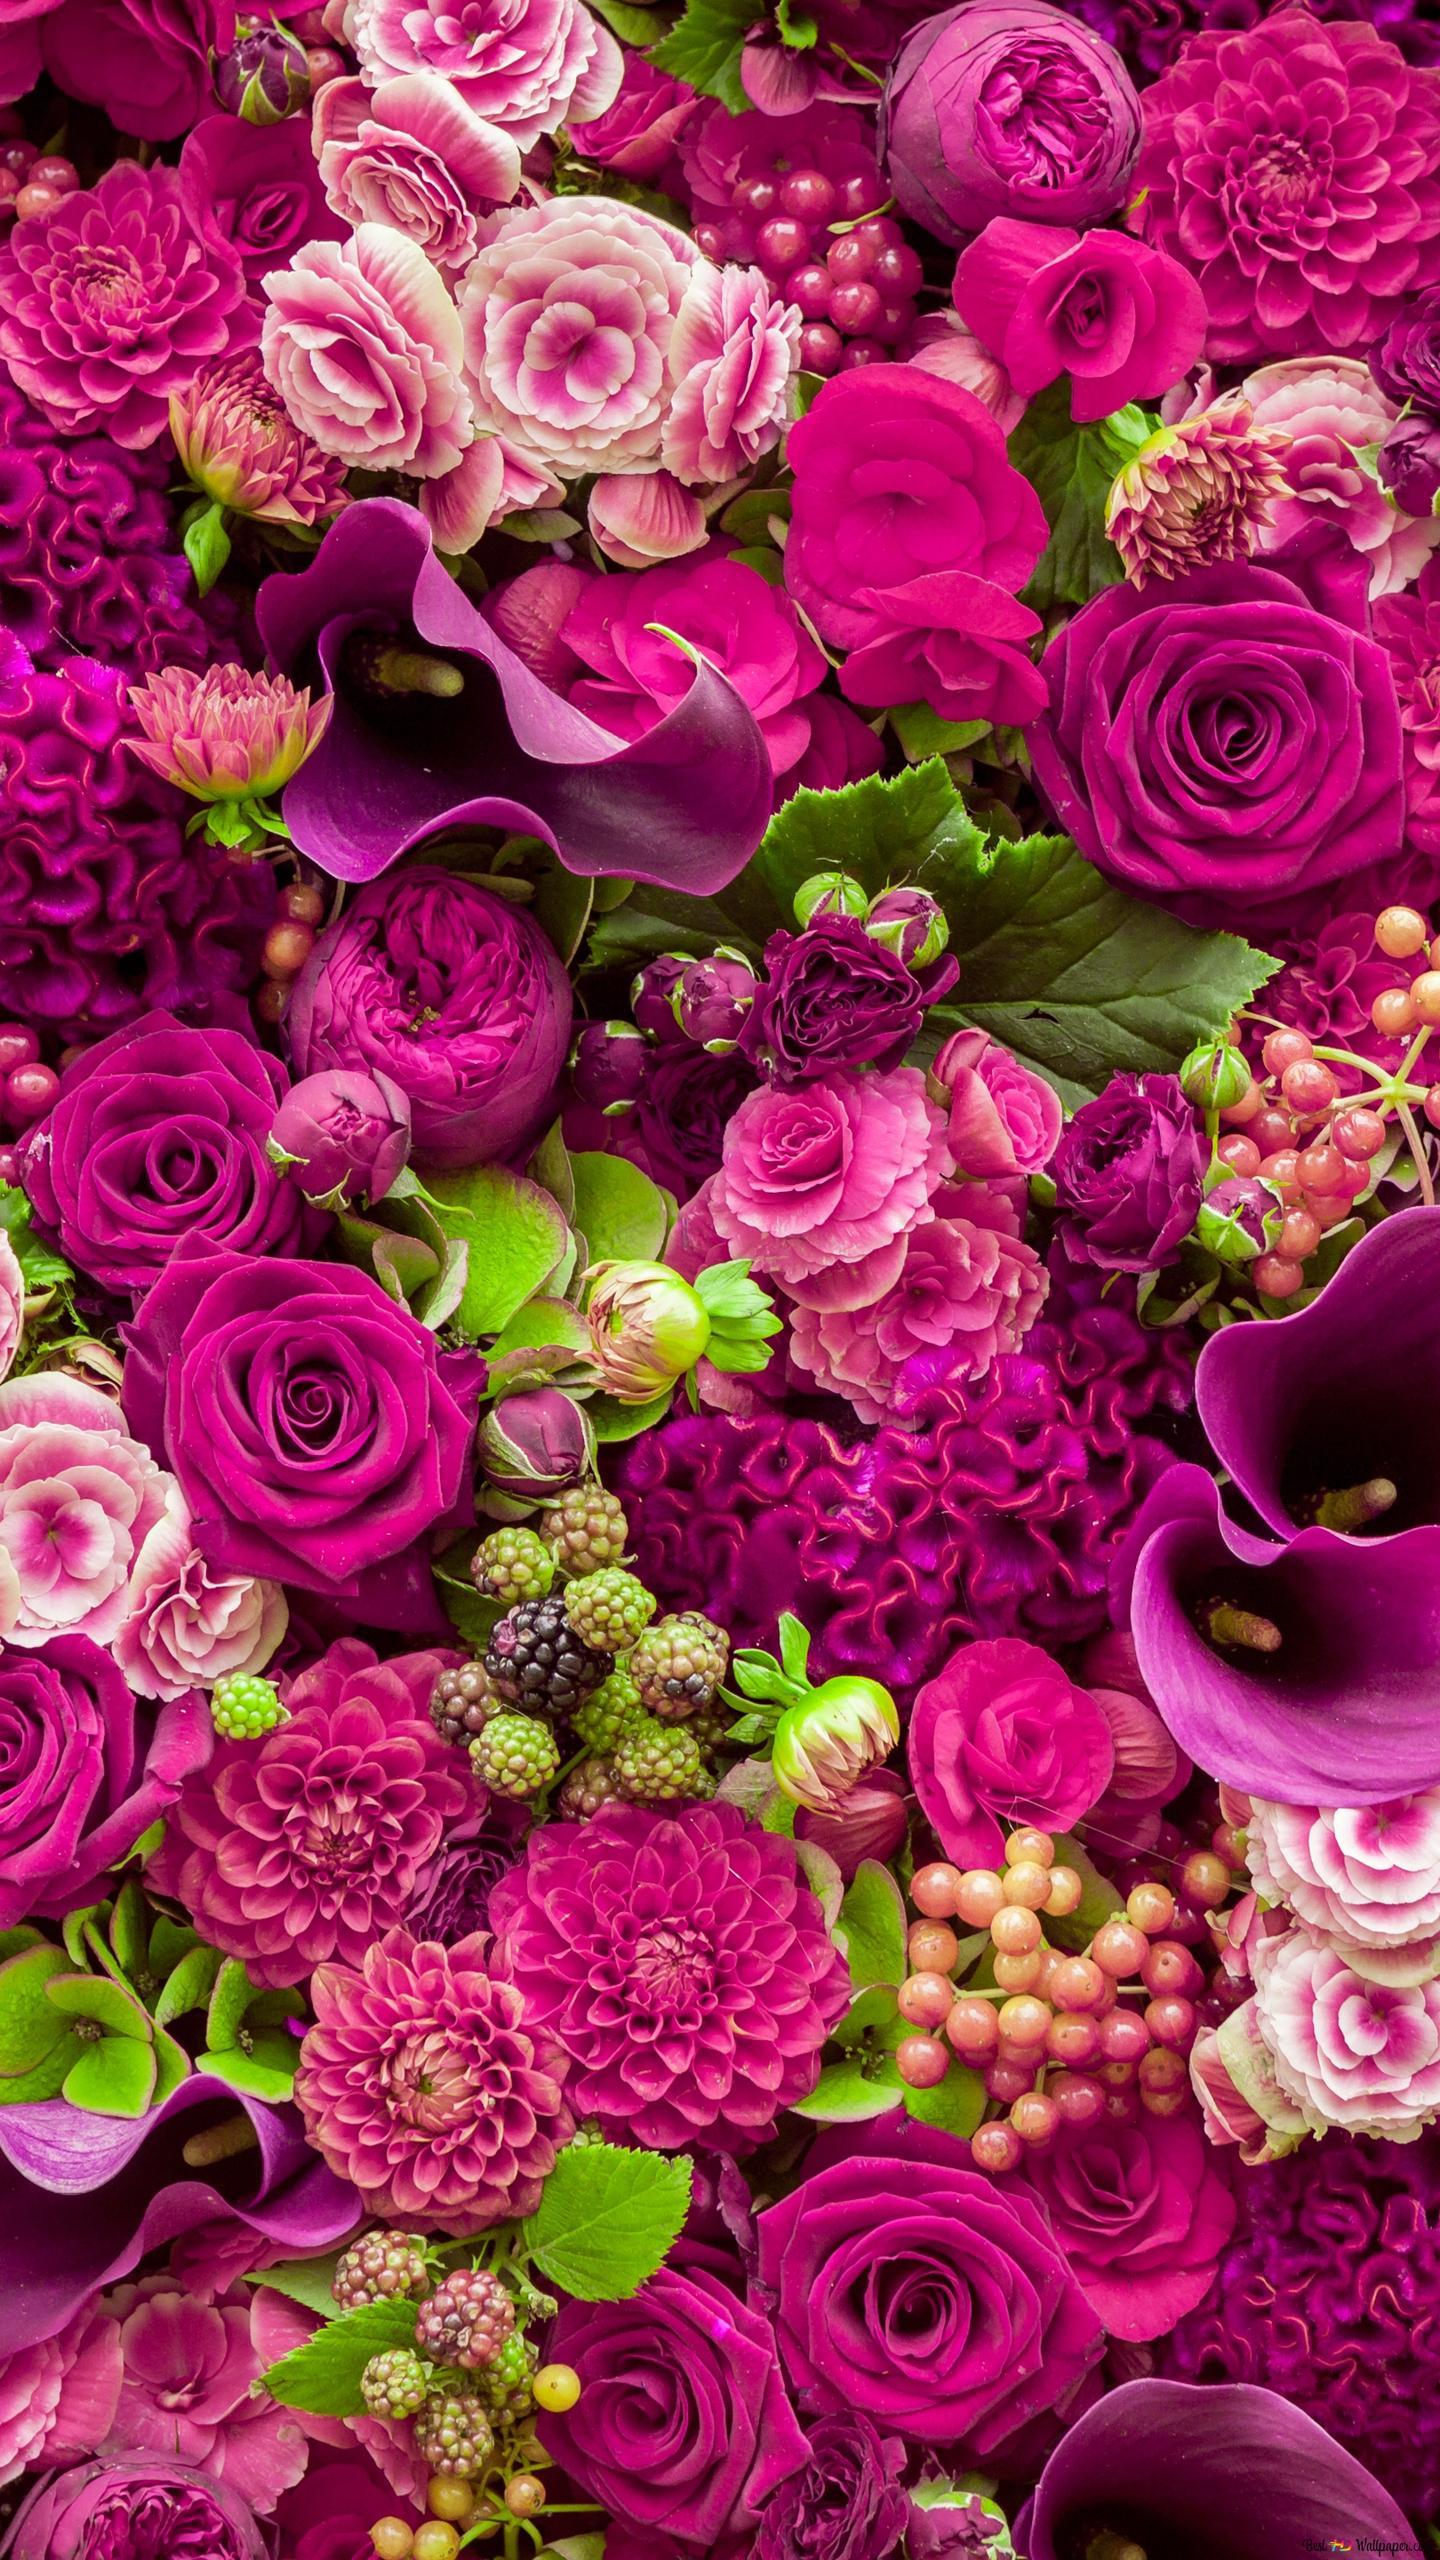 a5f13600fc5 Красивые розовые цветы букет HD обои скачать